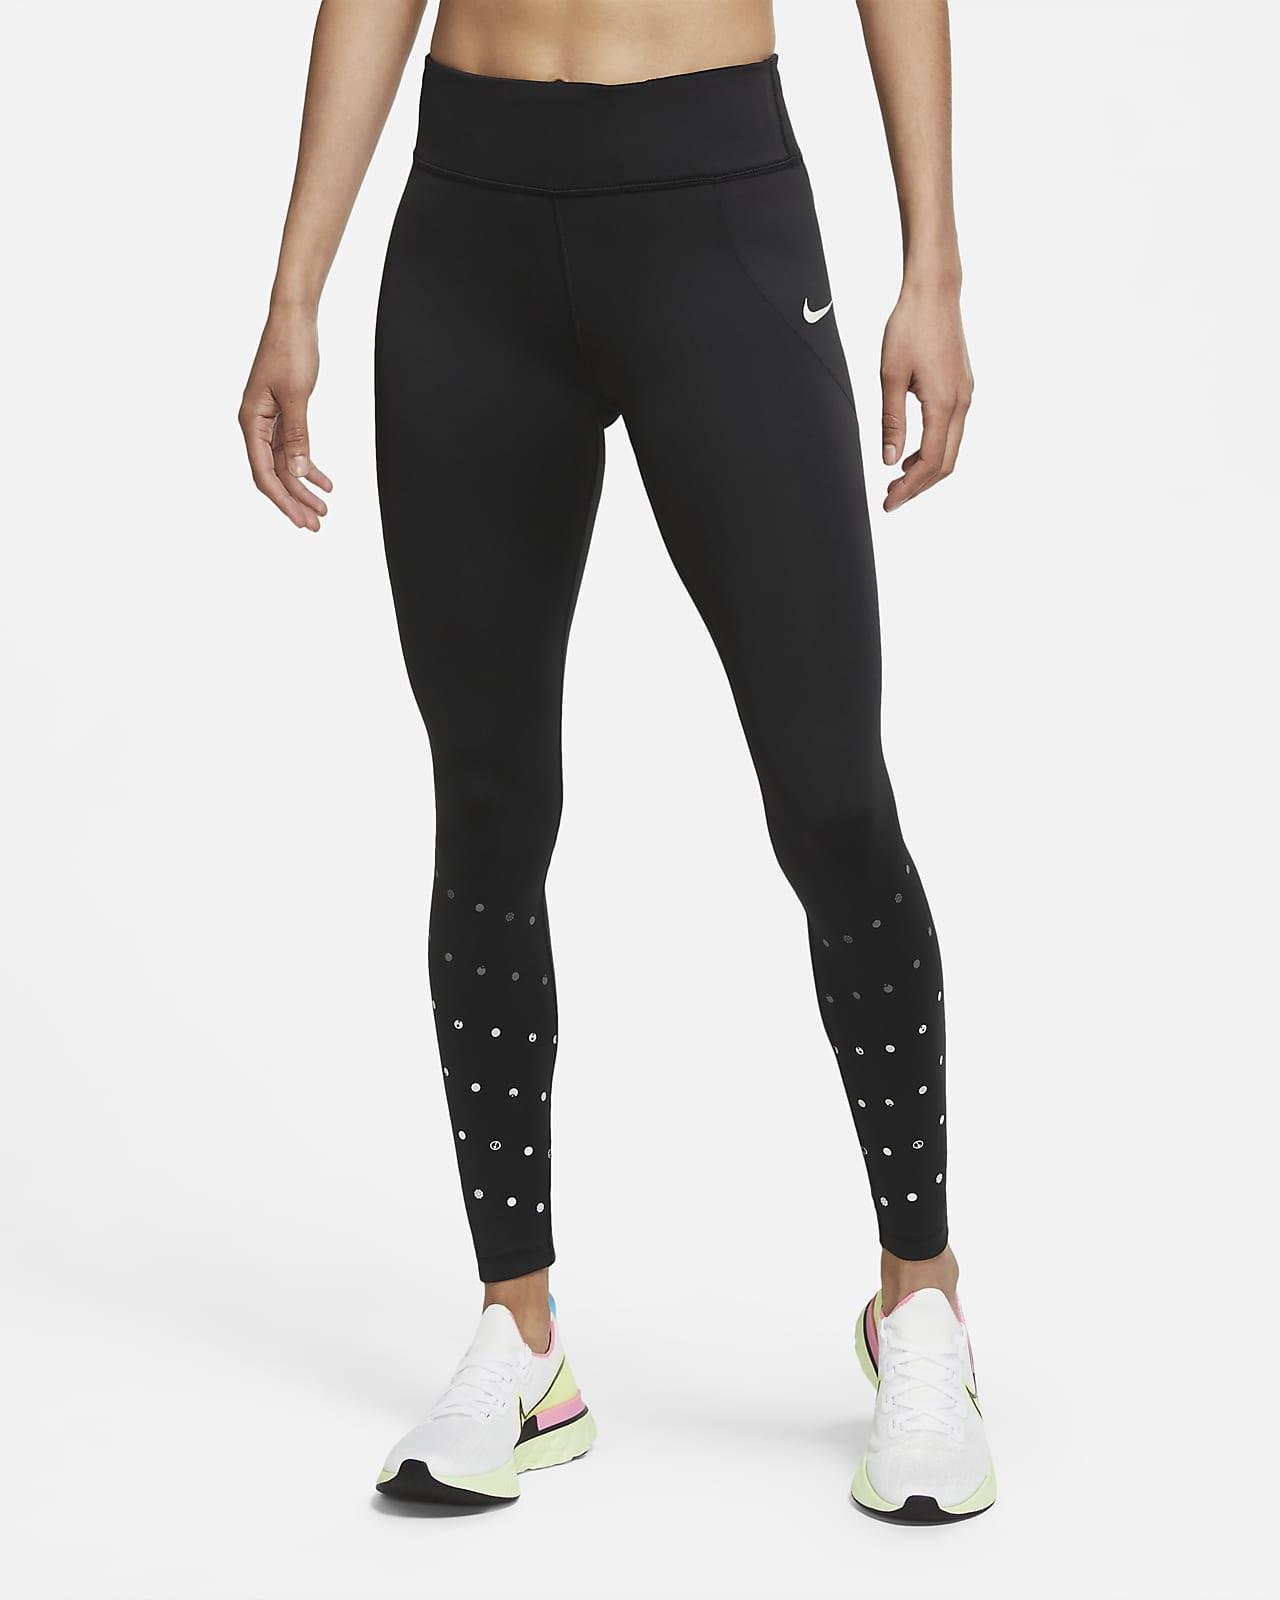 Женские беговые тайтсы Nike Fast Flash